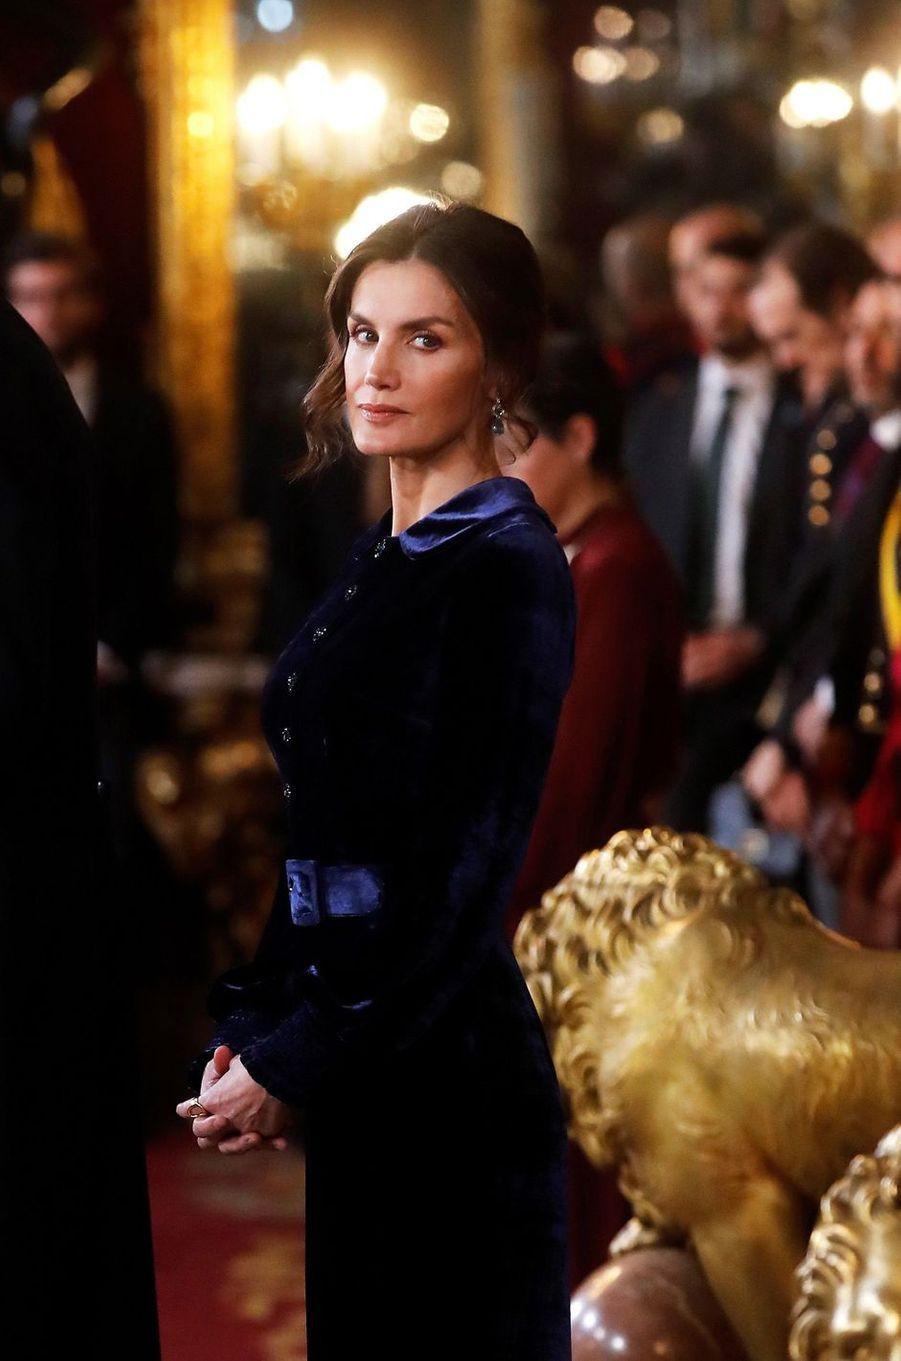 La reine Letizia d'Espagne à Madrid, le 5 février 2020